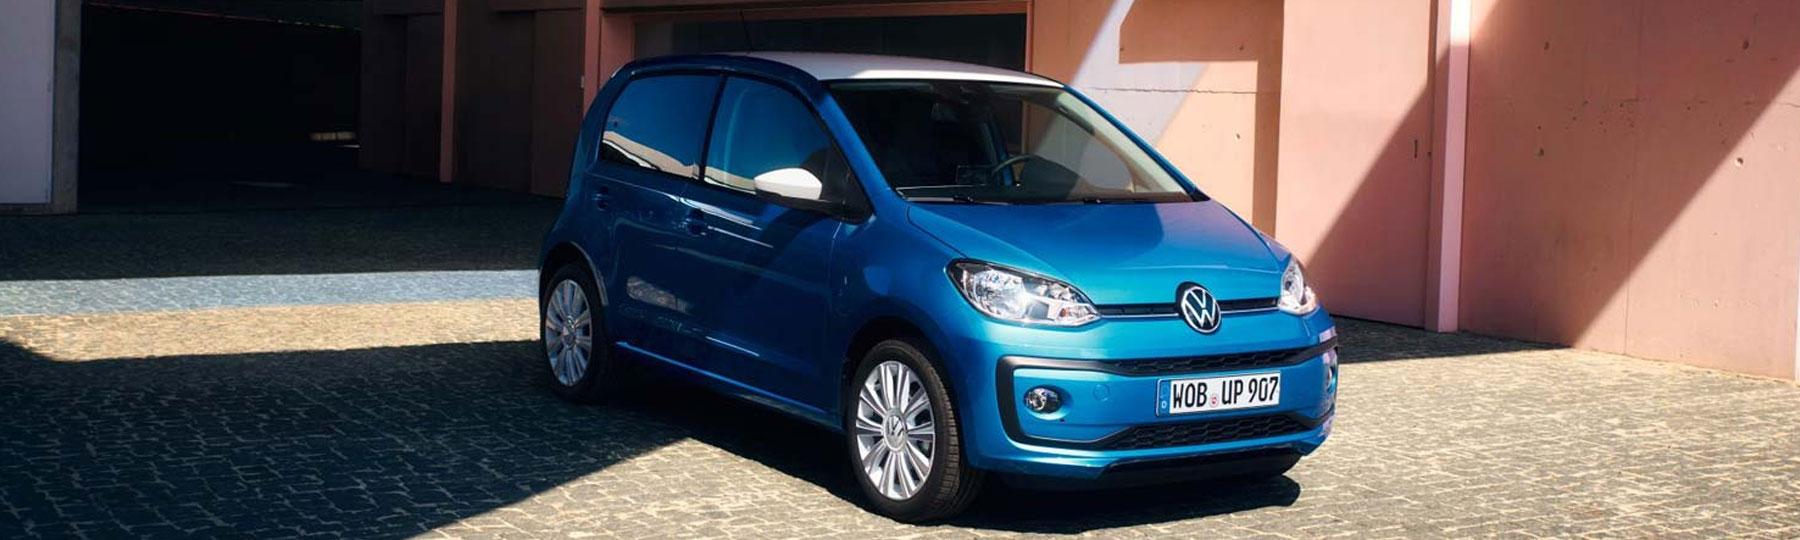 Volkswagen up! 5 door Business Offer